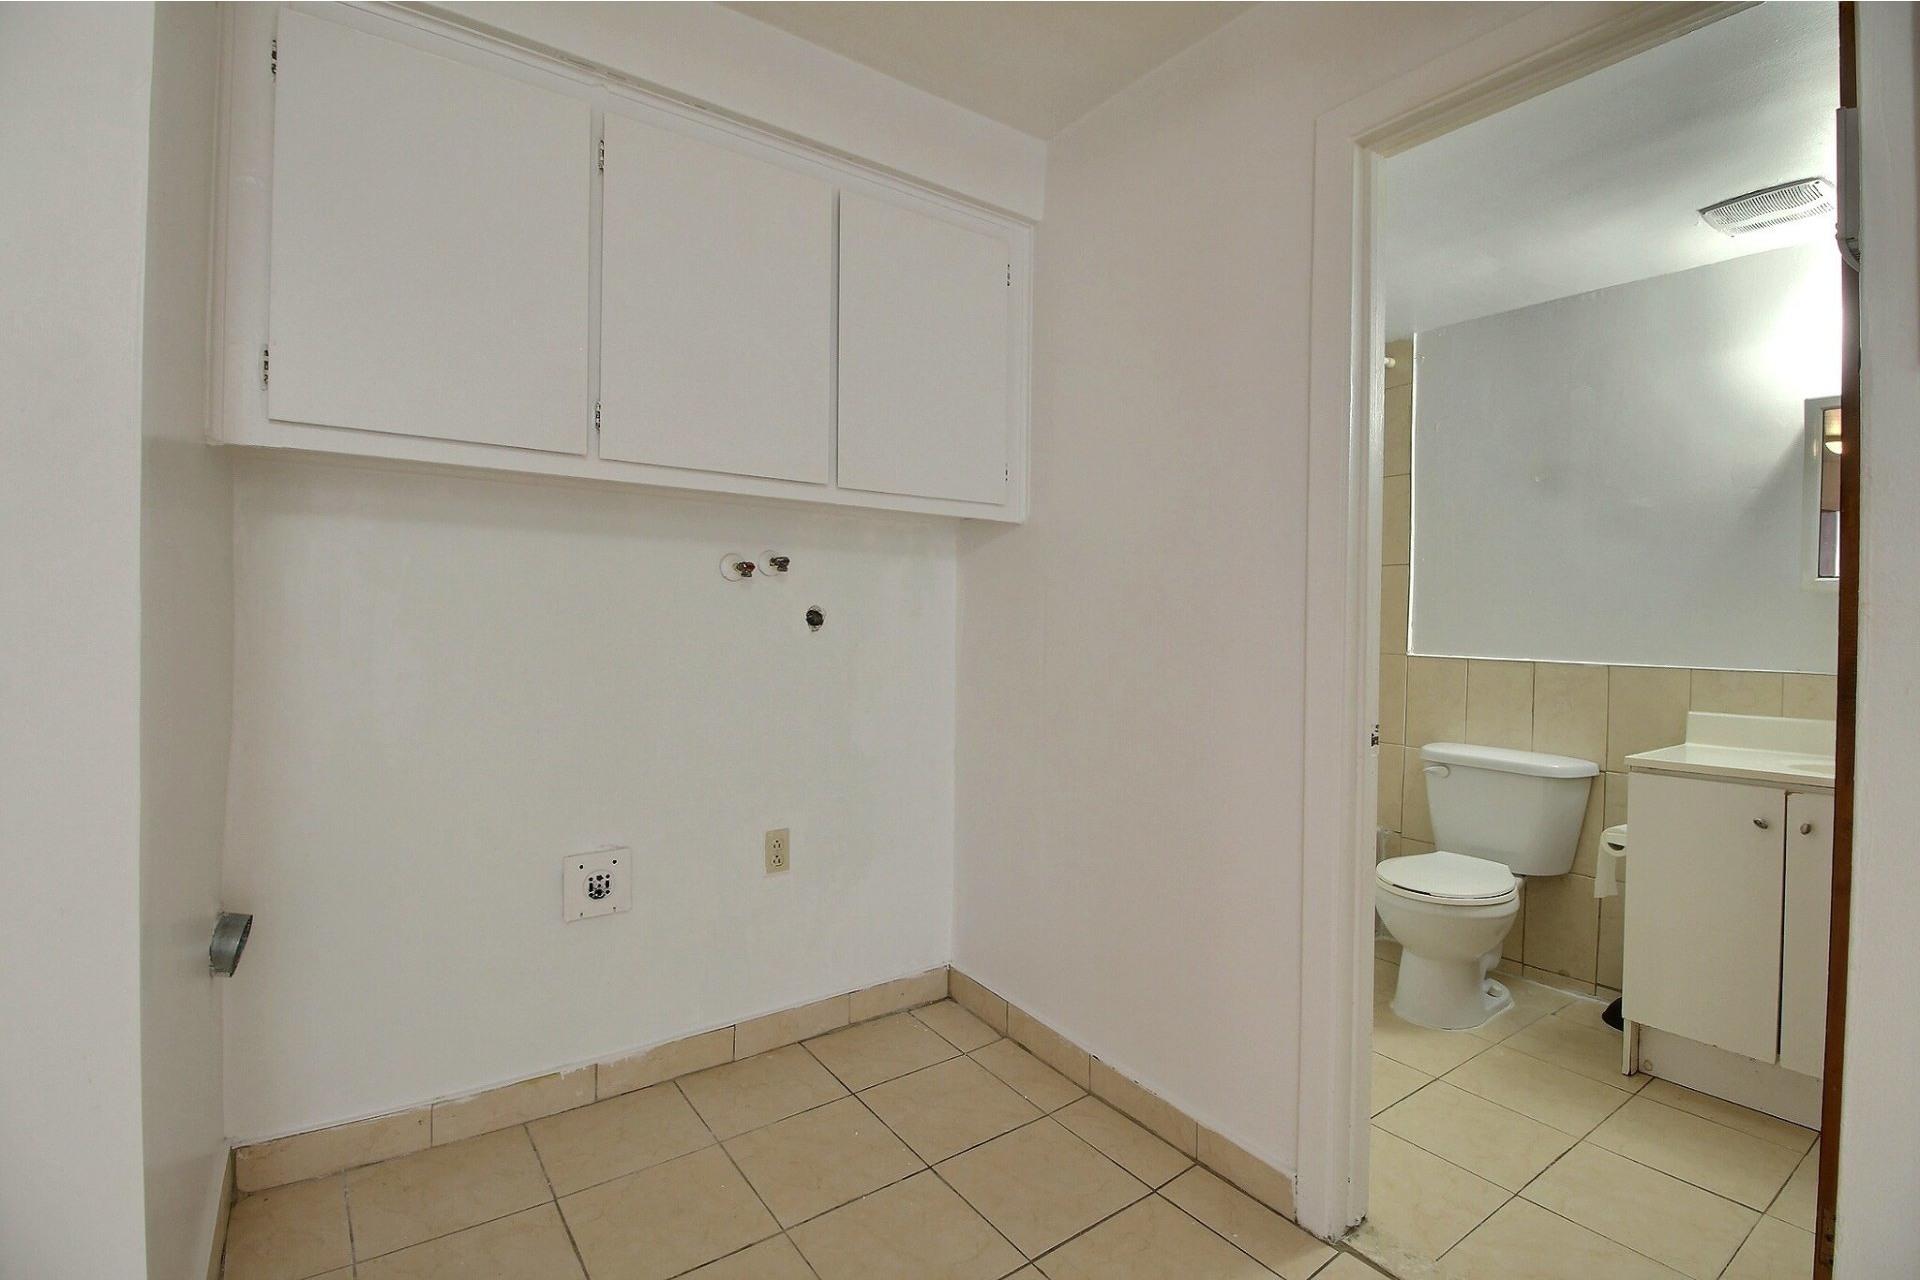 image 6 - Apartment For rent Saint-Léonard Montréal  - 4 rooms